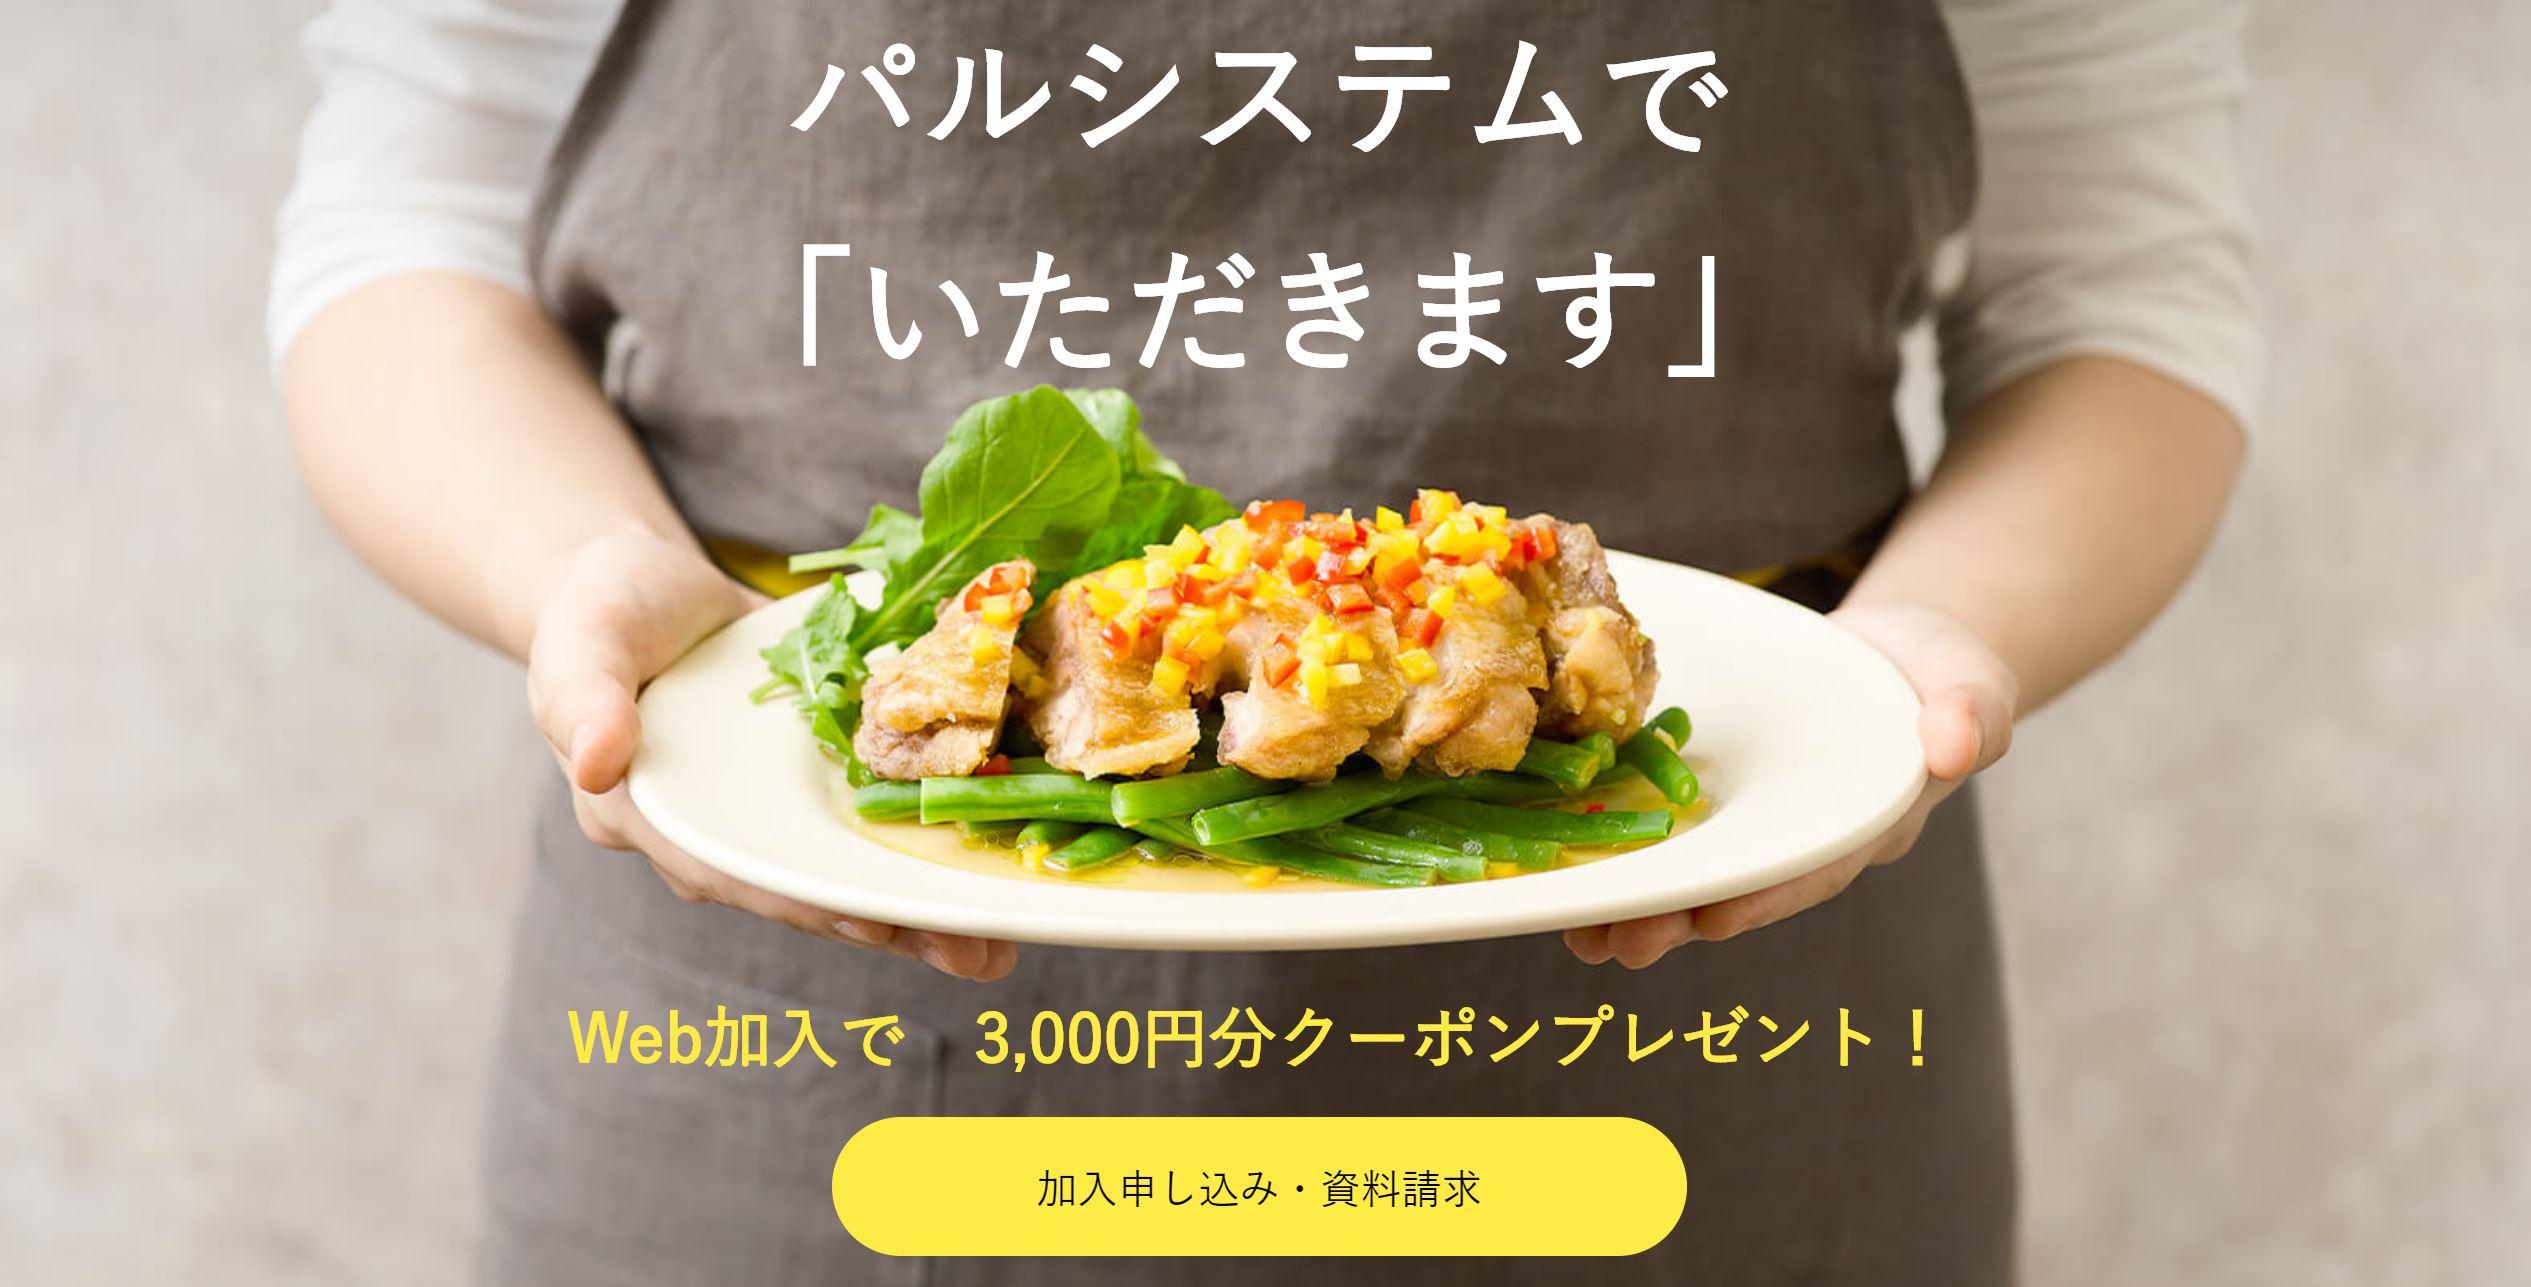 有機野菜宅配_おすすめ_パル